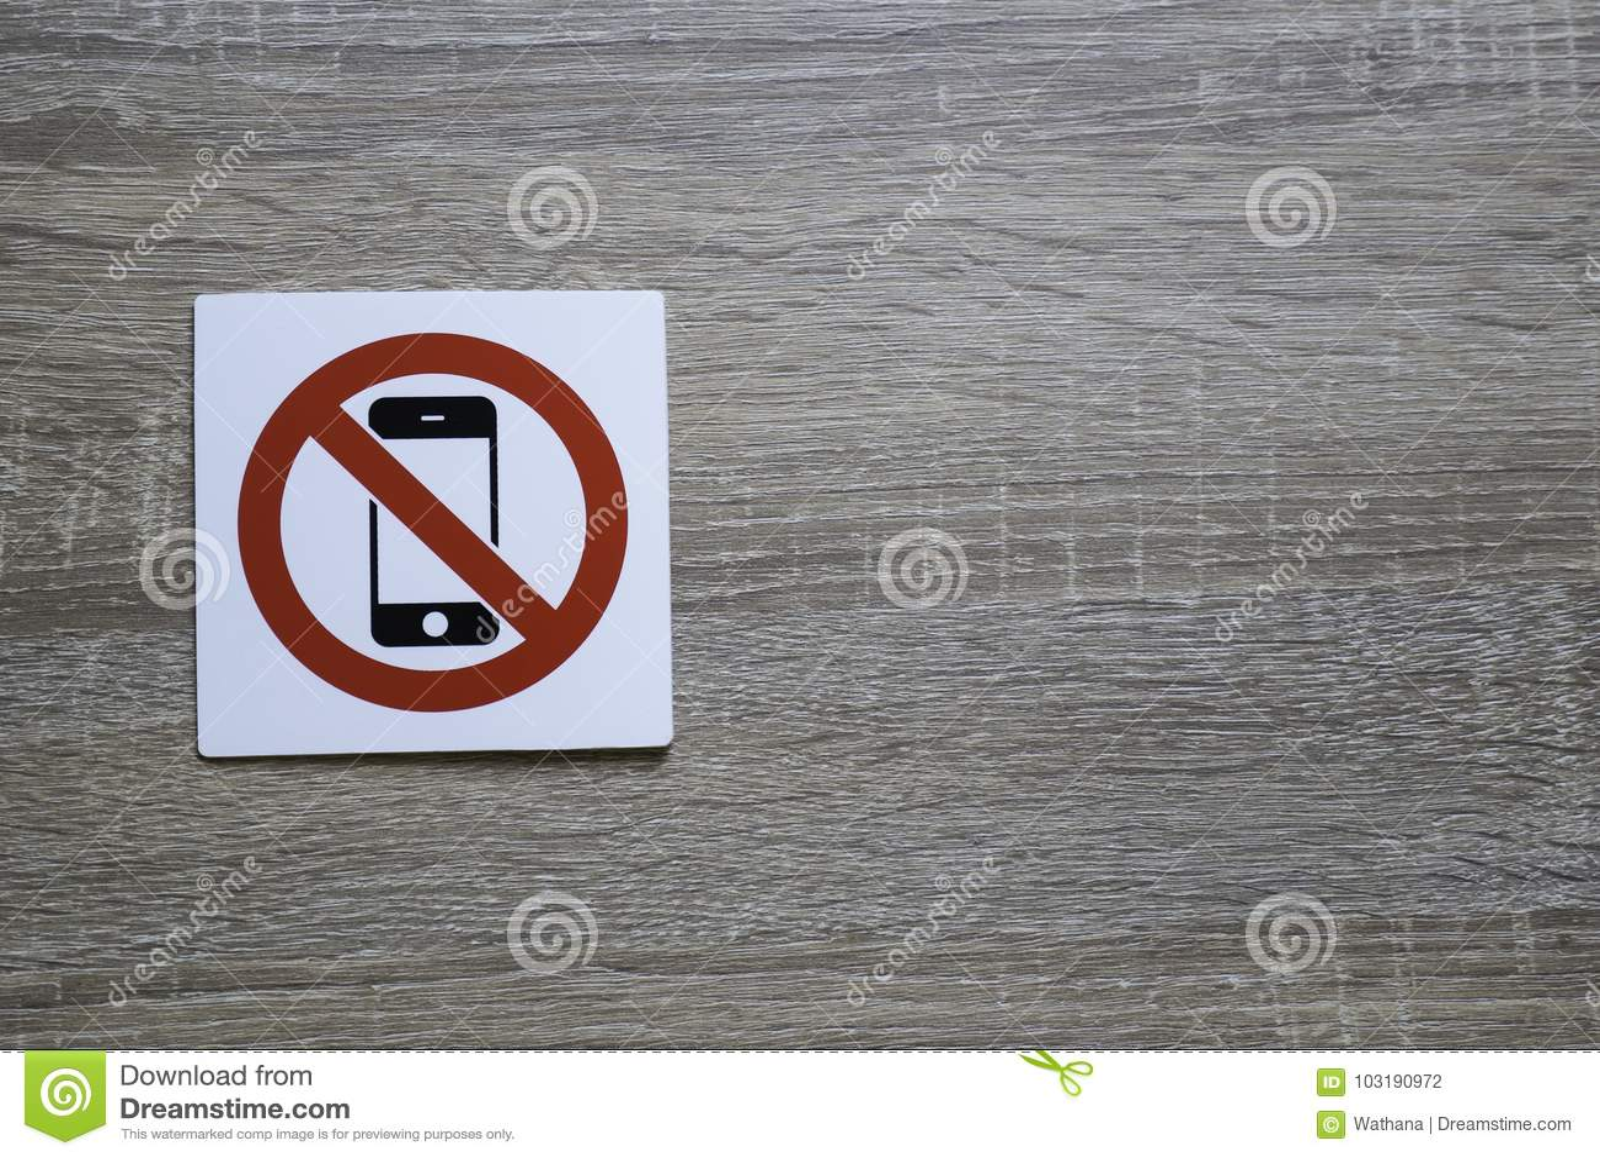 Nenhum telefone permitiu o sinal na parede de madeira com espaço para adicionar o texto à direita